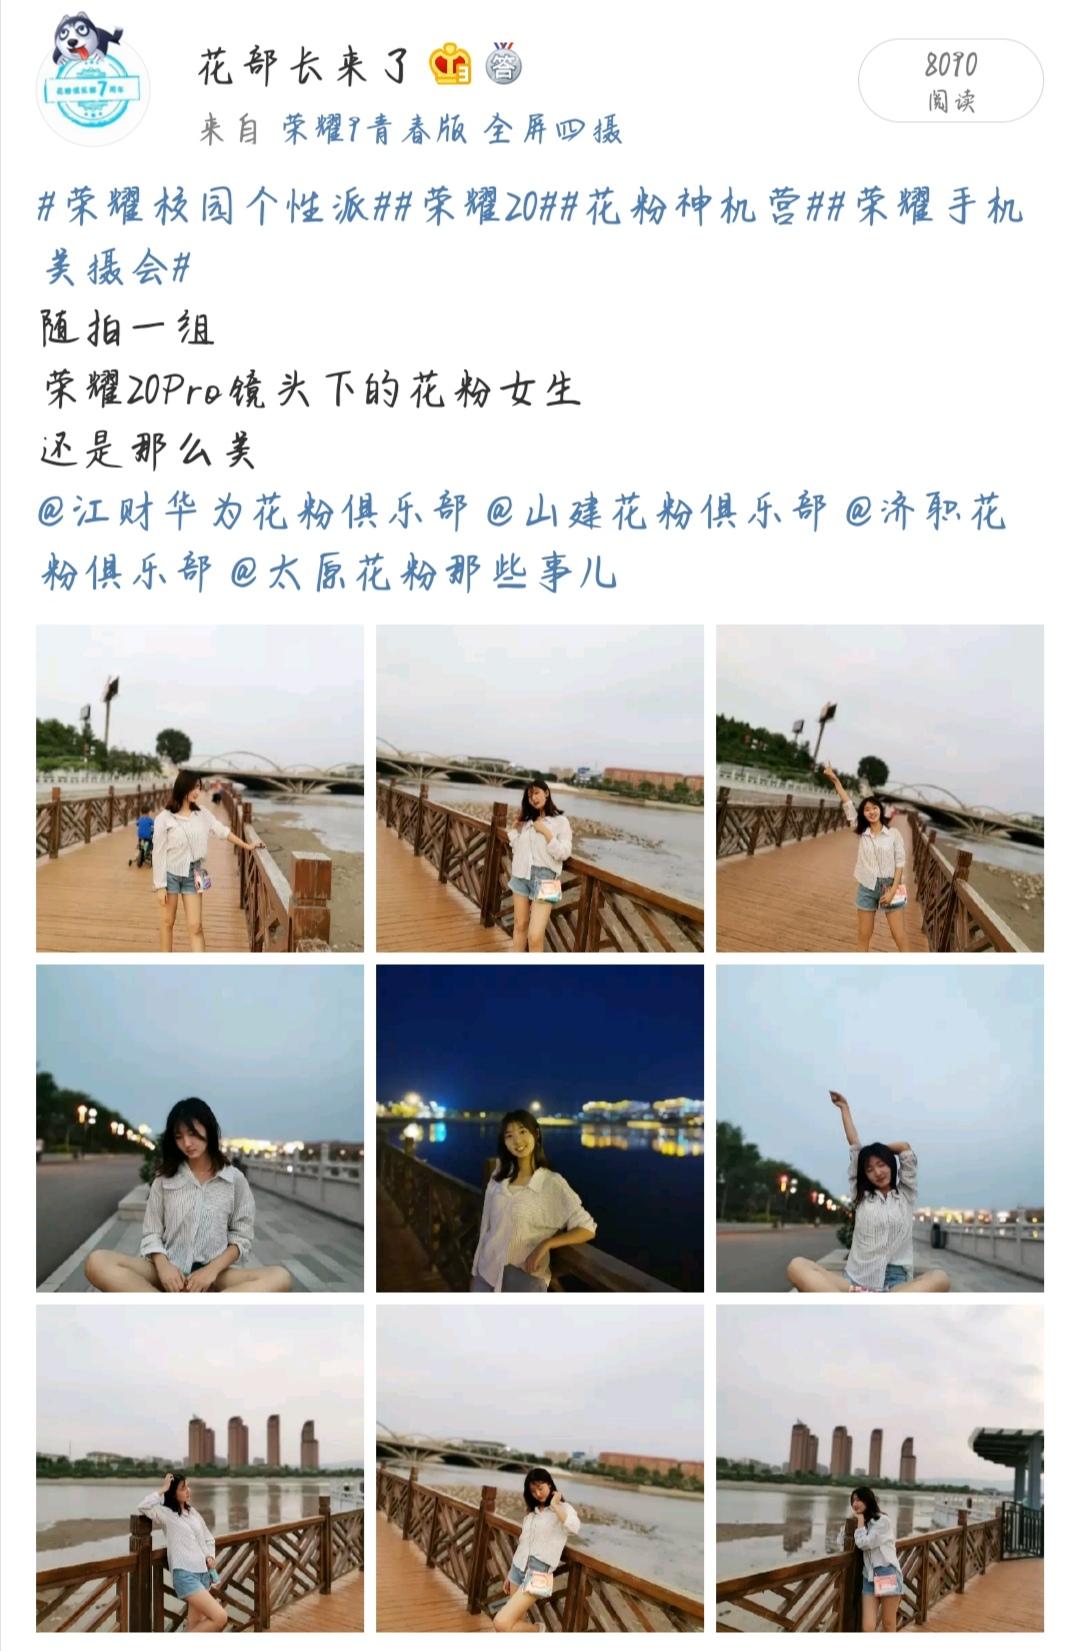 Screenshot_20190726_180058.jpg